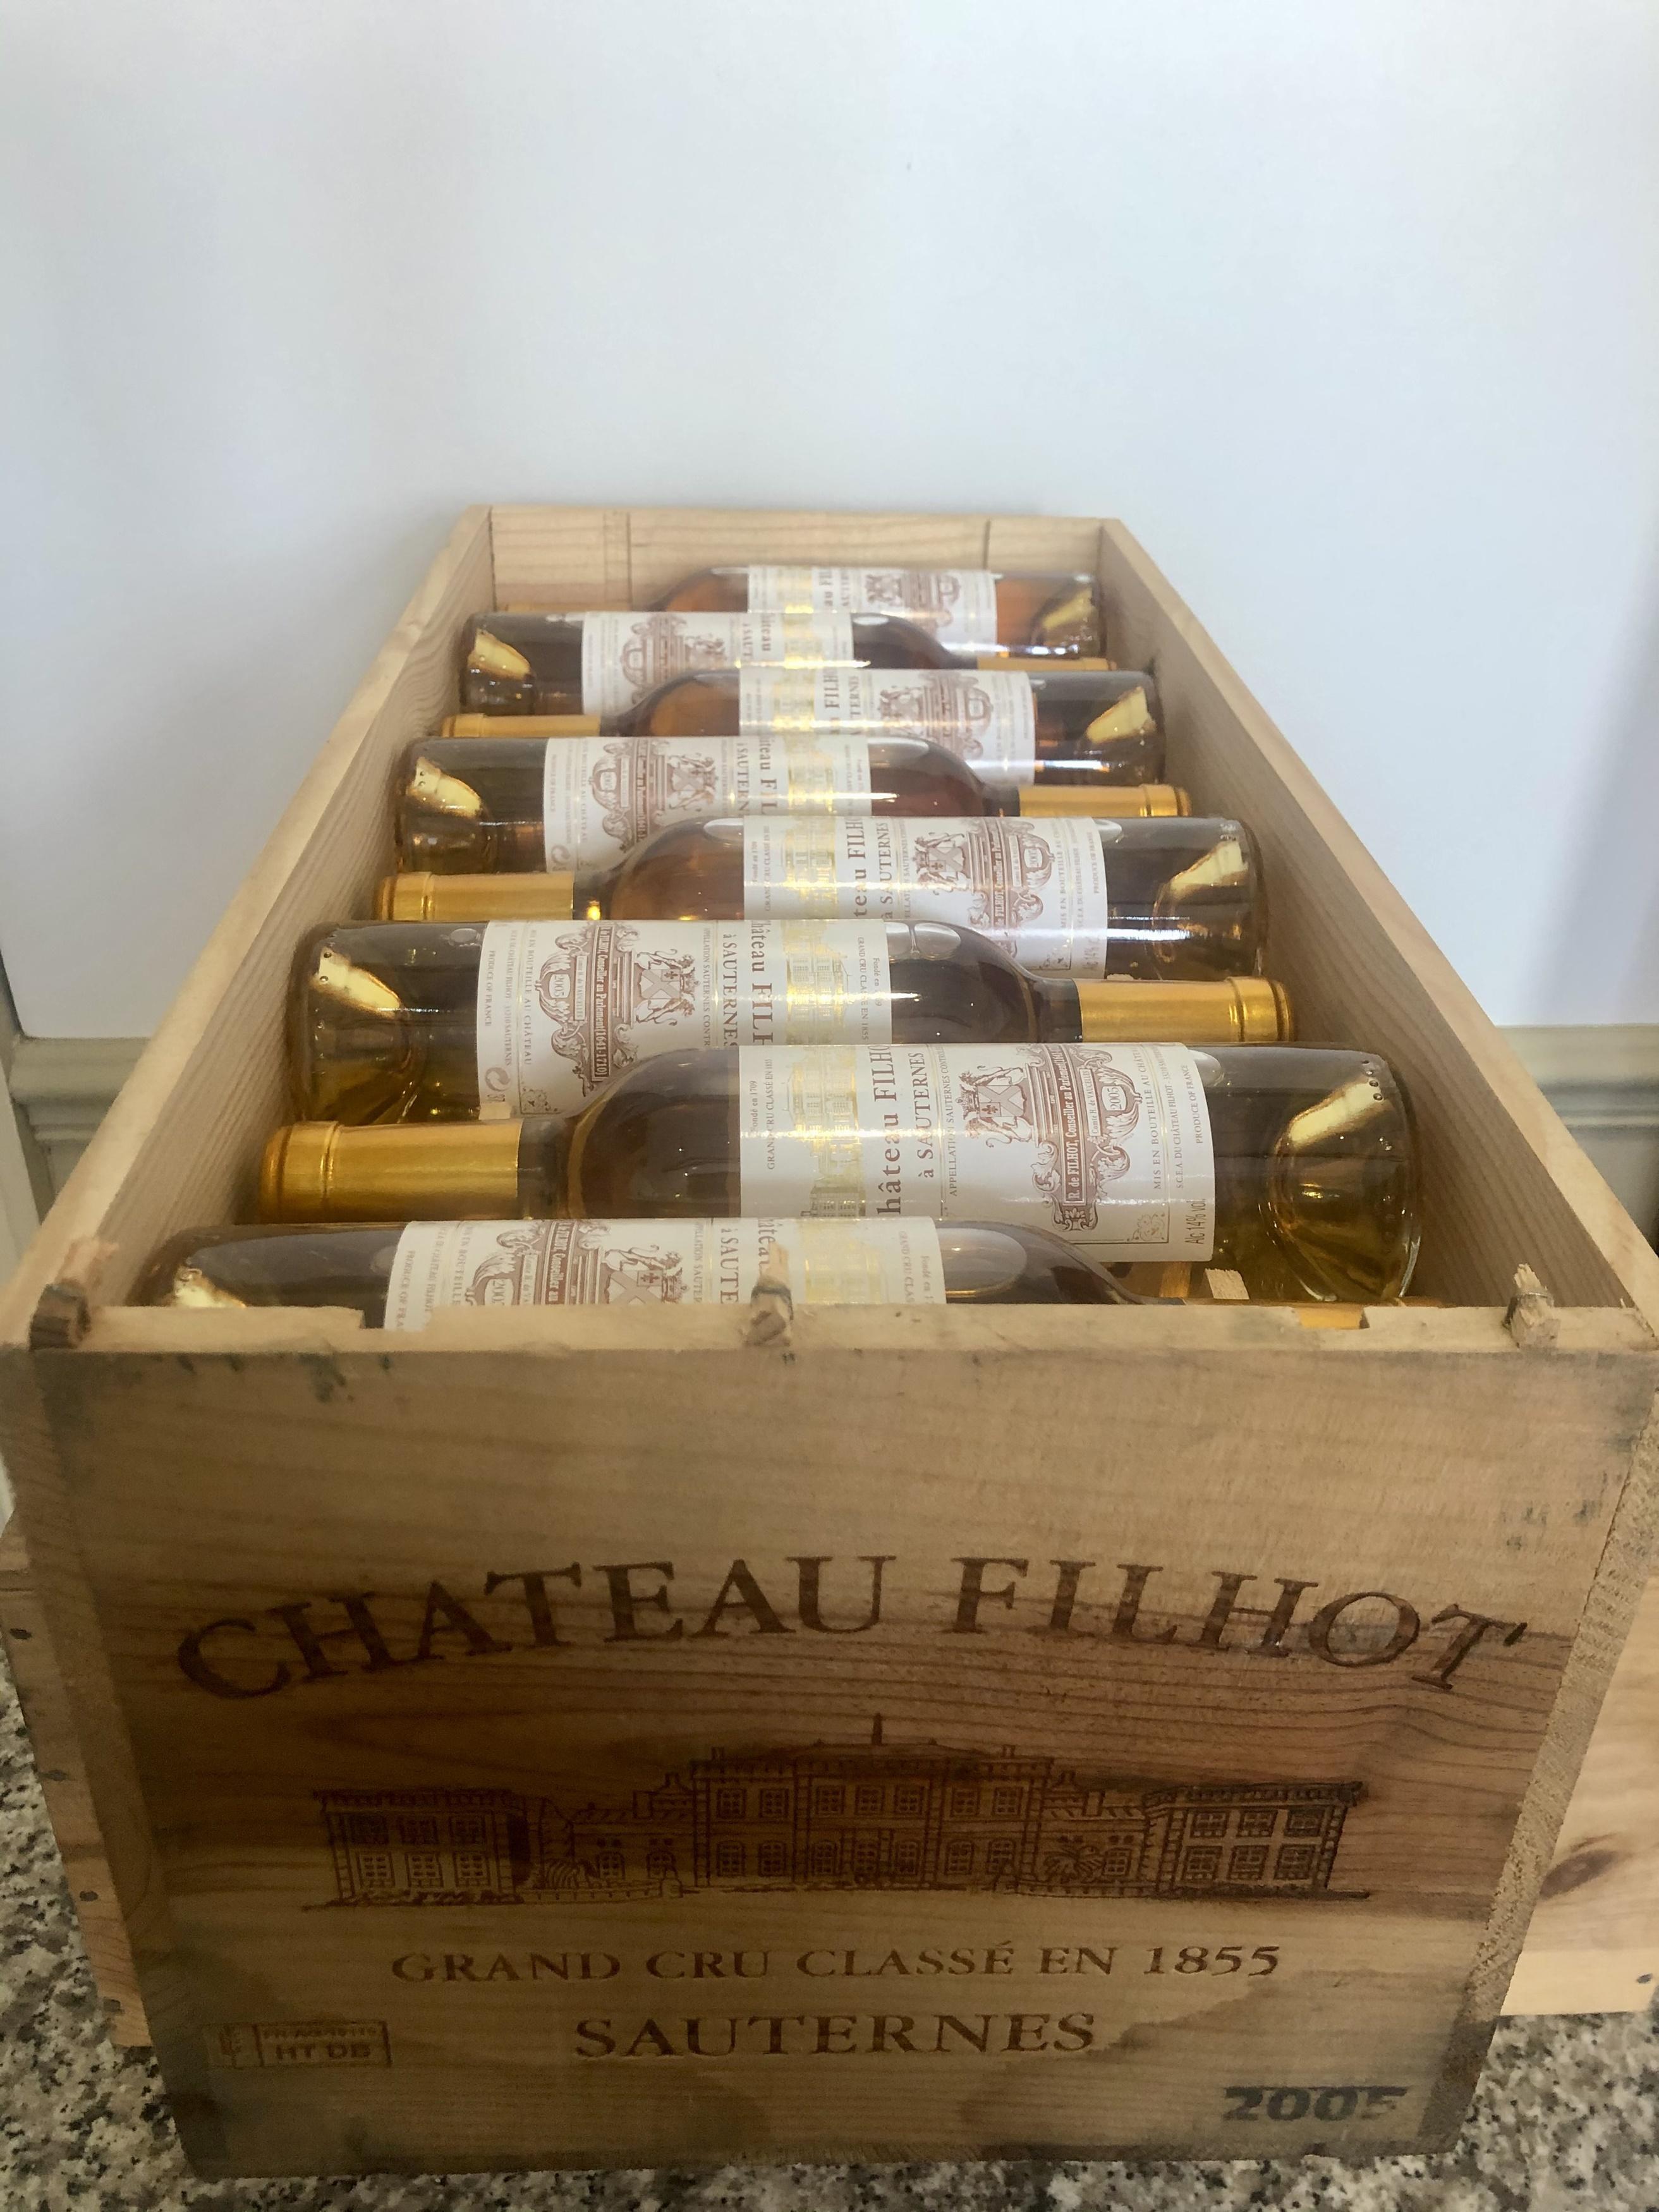 24 Half Bottles (in OWC) Chateau Filhot Grand Cru Classe Sauternes 2005